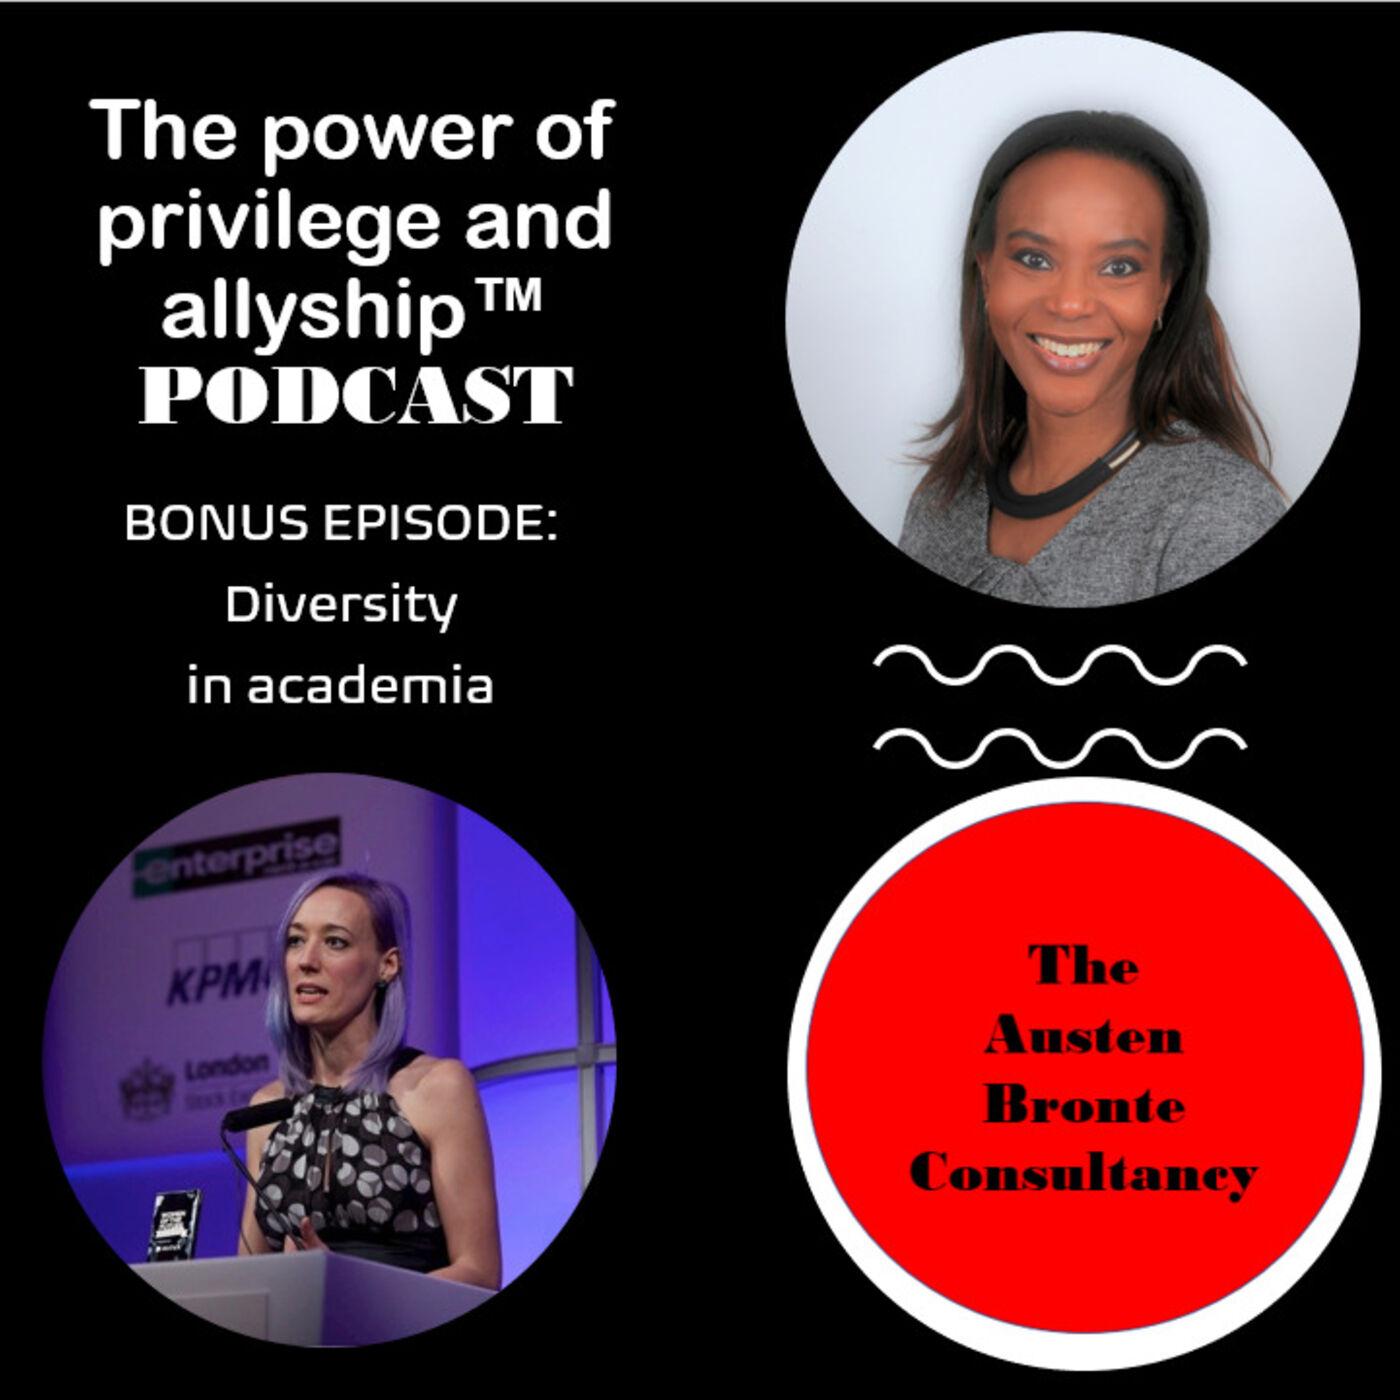 S1 BONUS EPISODE: Diversity in academia feat. Dr. Naomi Thompson